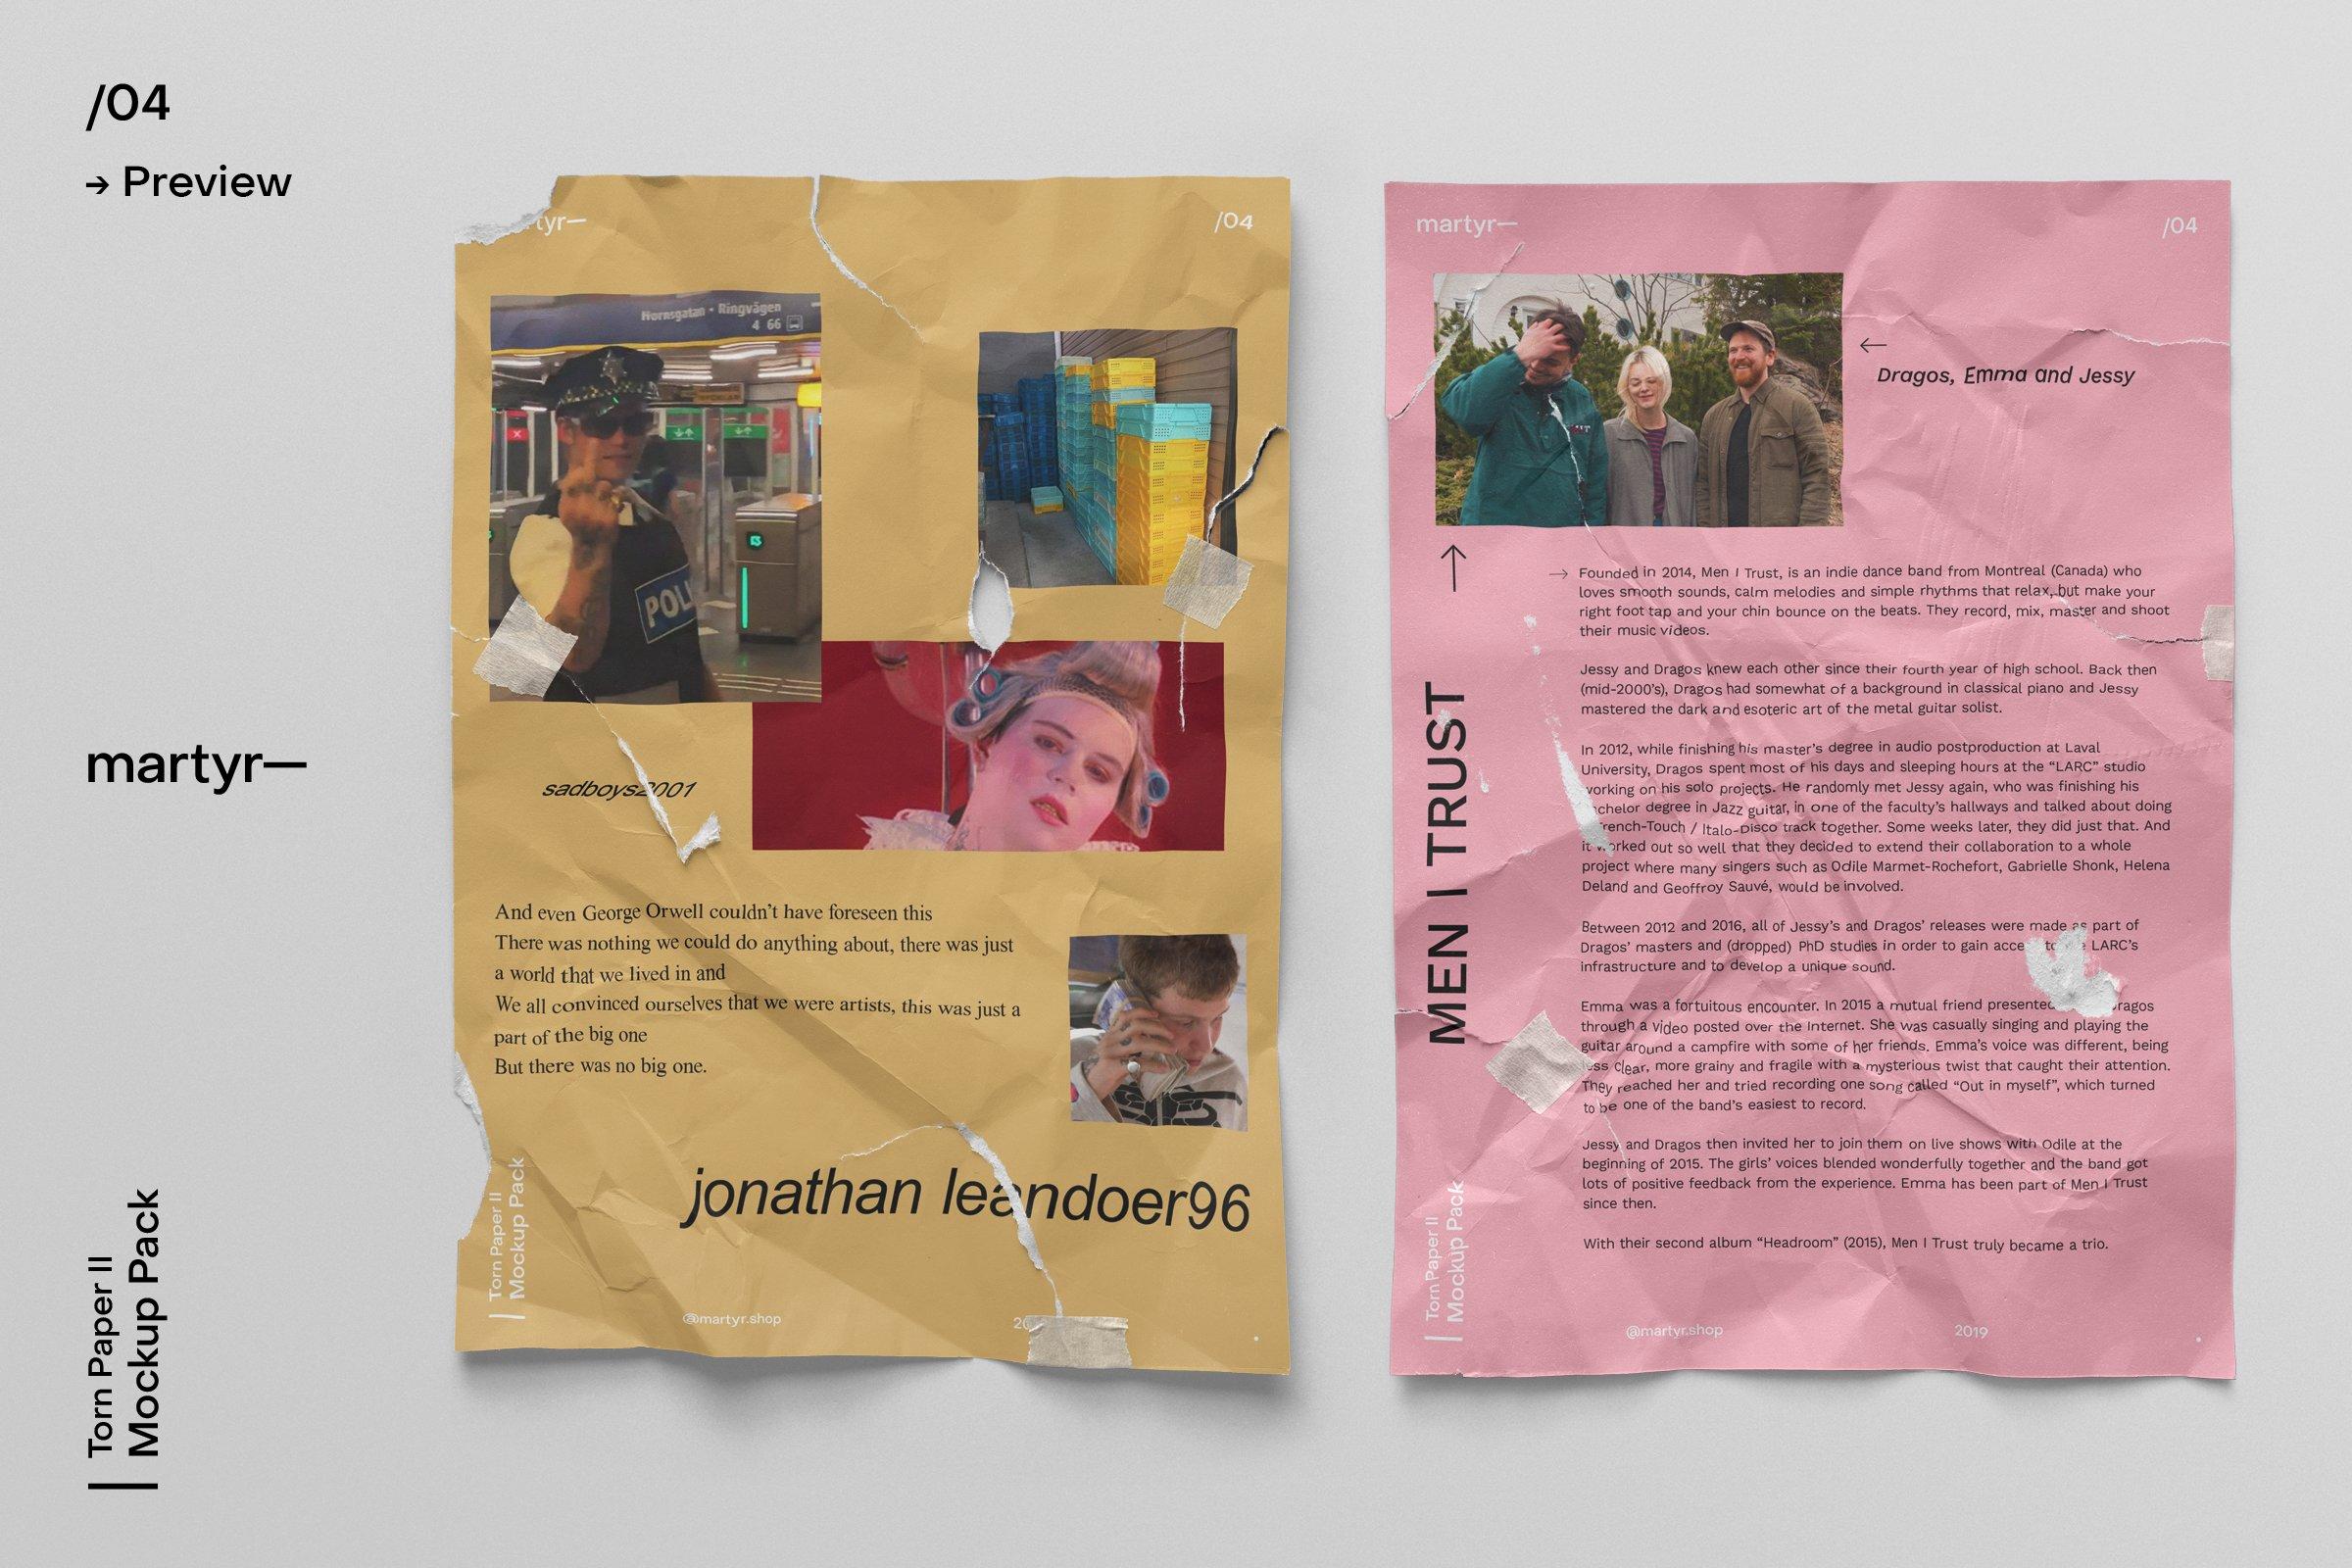 [淘宝购买]32款潮流破损撕裂褶皱A4纸张海报传单设计样机模板 Torn Paper II — Mockup Pack插图(8)